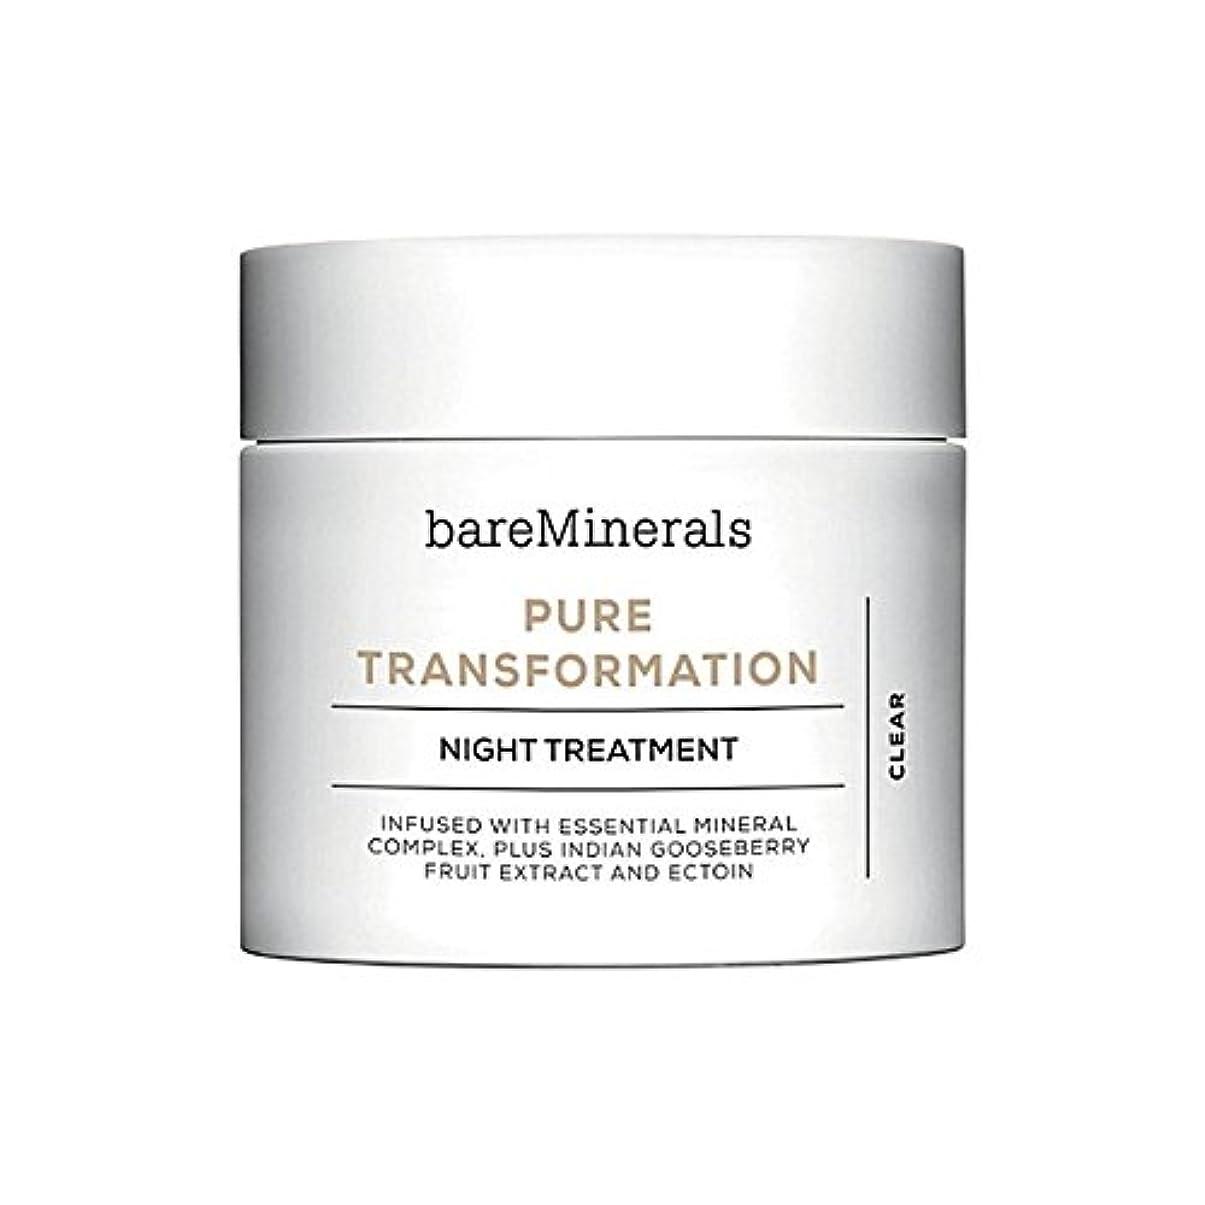 馬鹿説得力のあるファシズムBare Minerals Skinsorials Pure Transformation Night Treatment - ベアミネラル純粋な変態夜の治療 [並行輸入品]